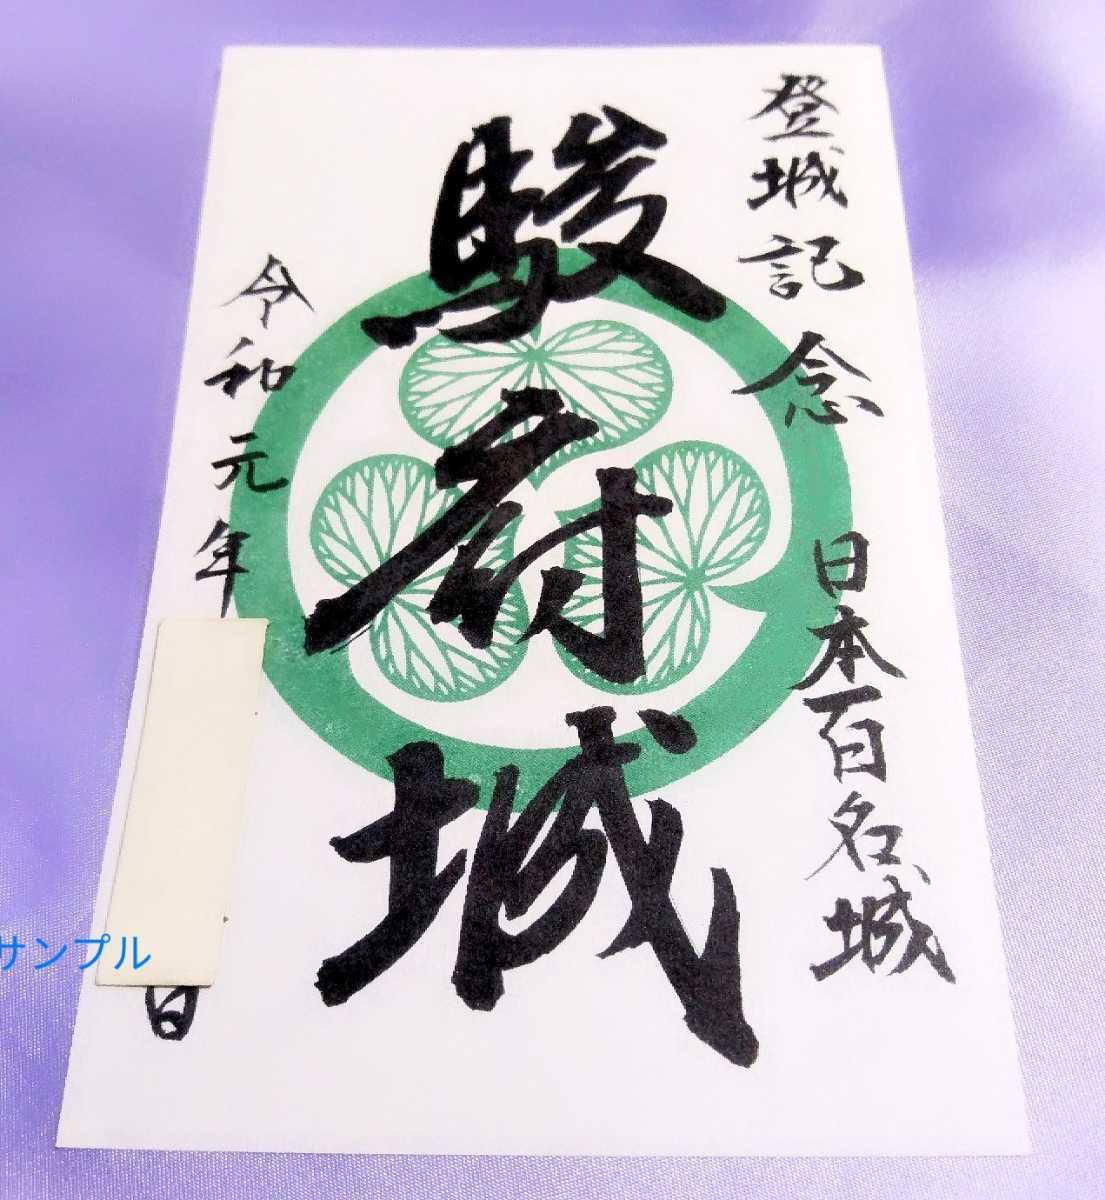 頼宣 徳川 なぜ、家康は「徳川」に改名したのか。その理由は?